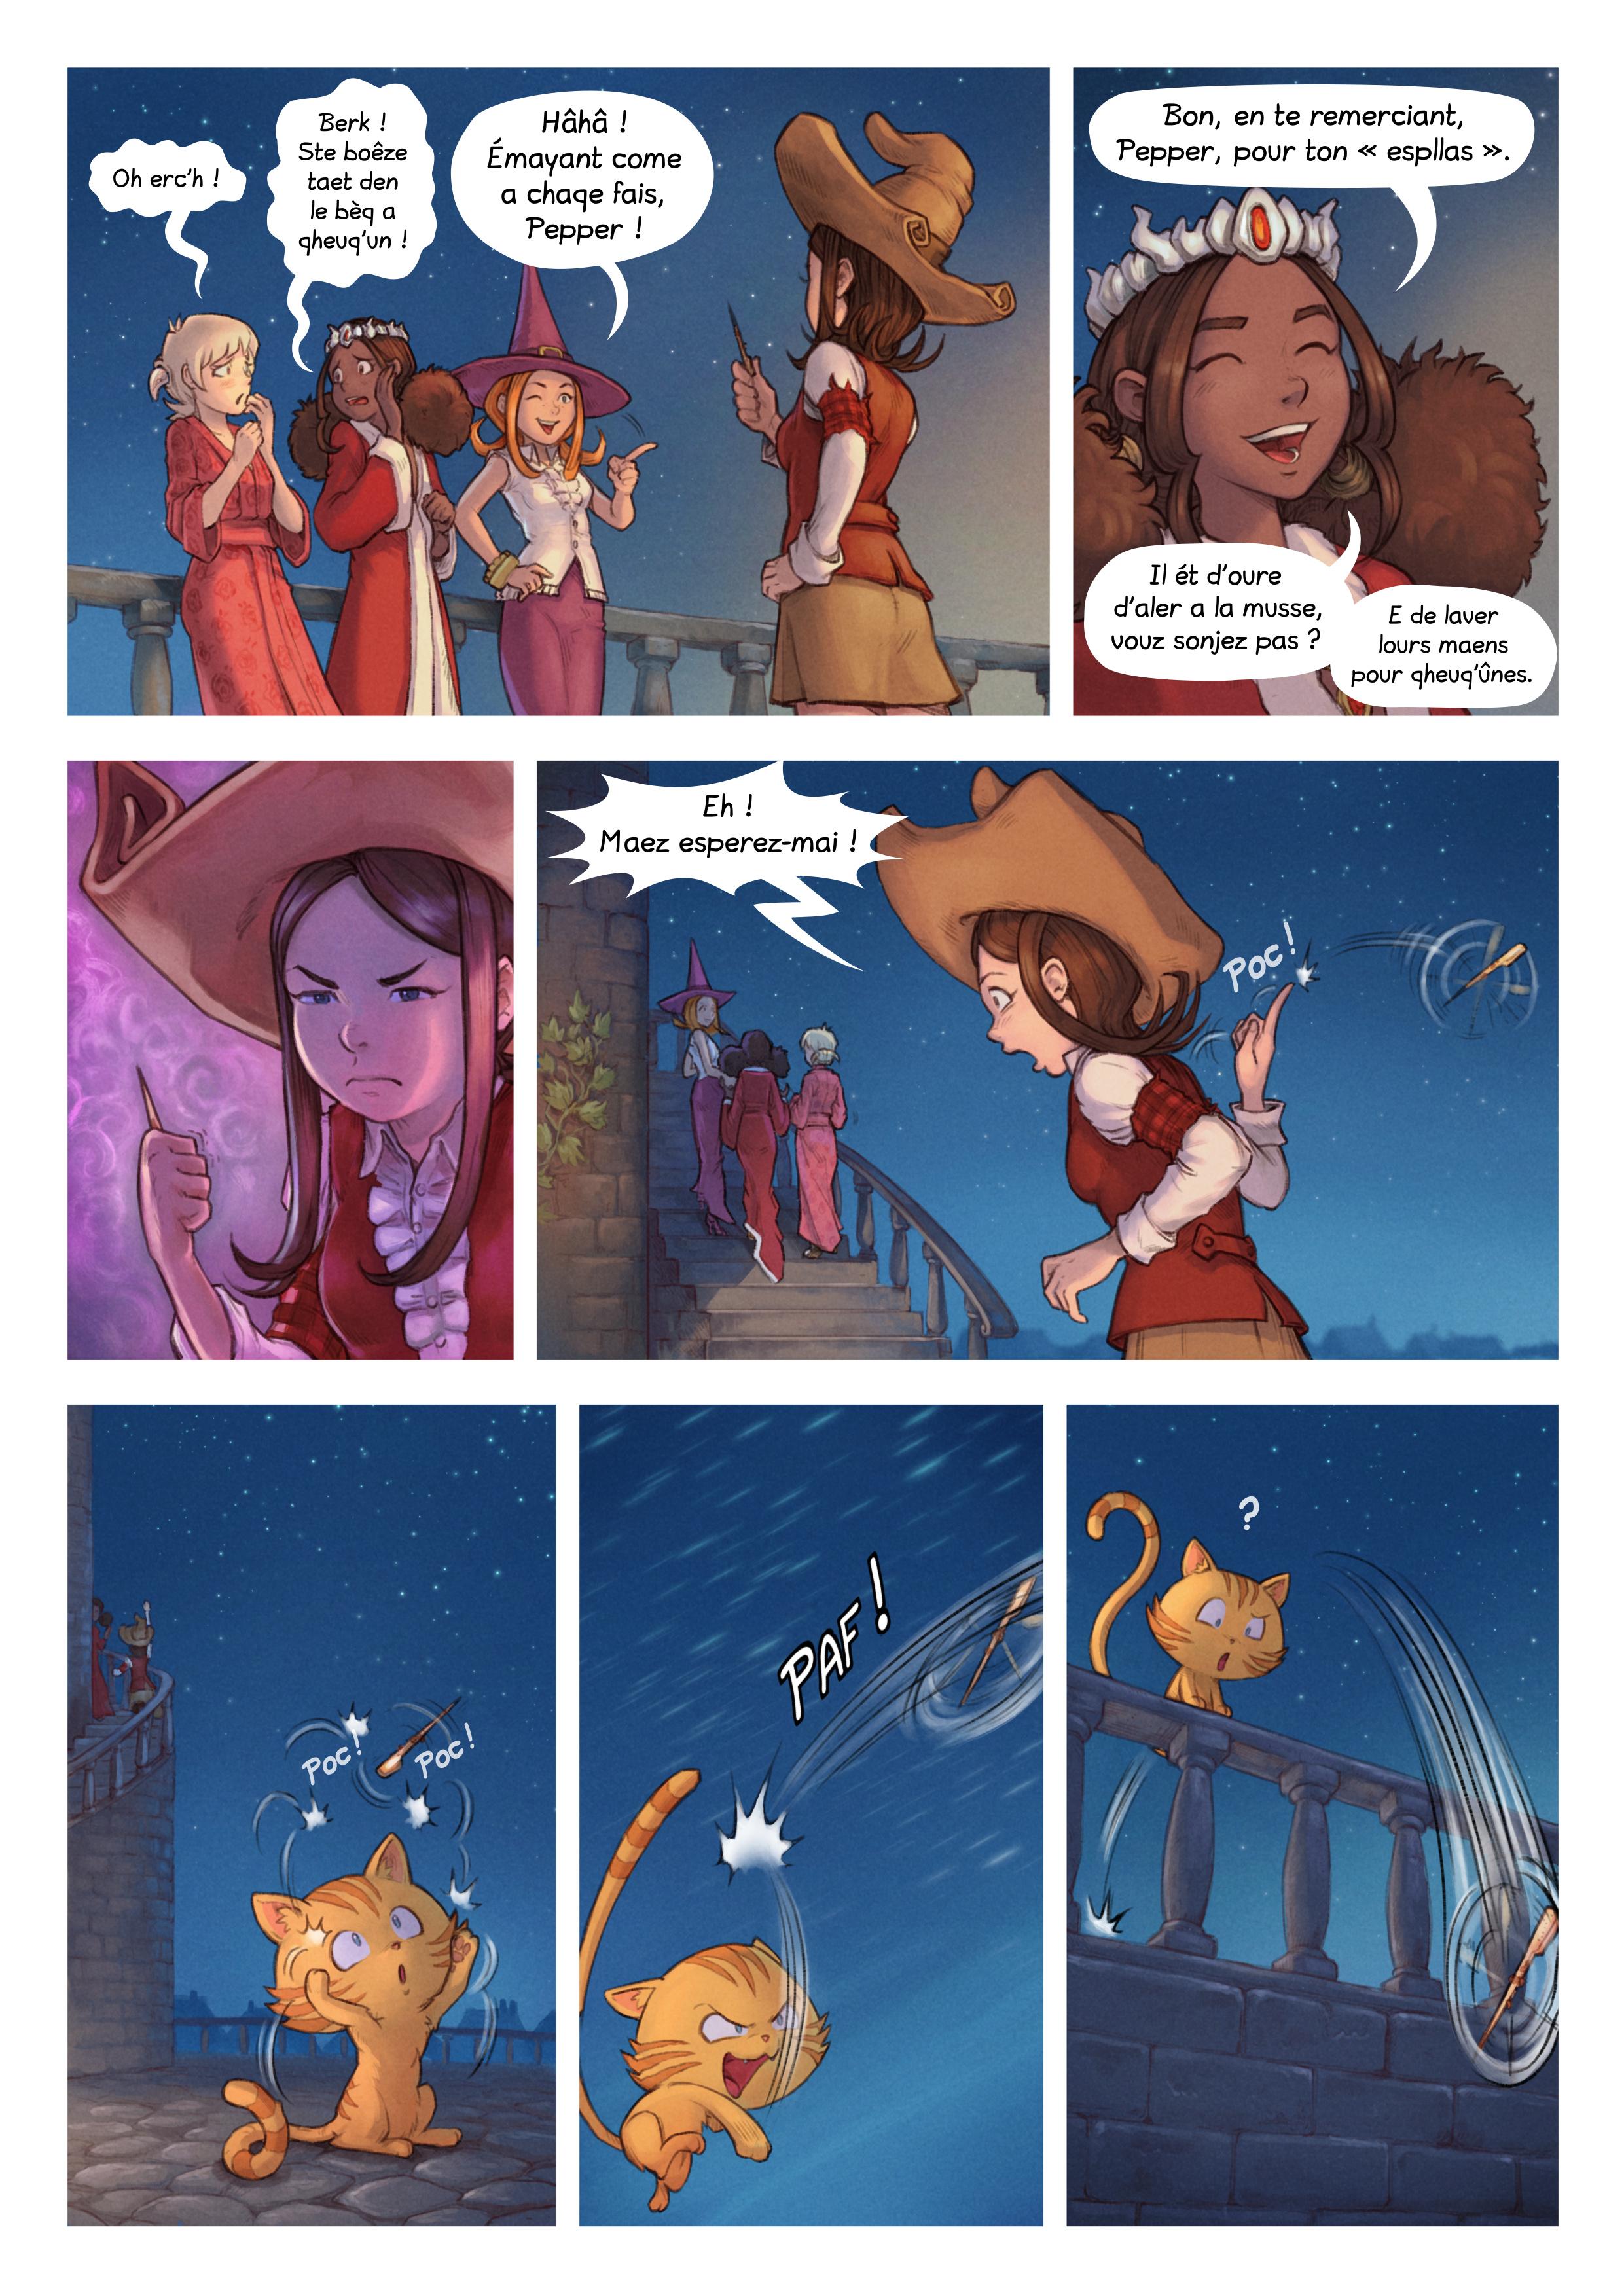 Éqerouey 29 : Le debrizouz de mondes, Page 4